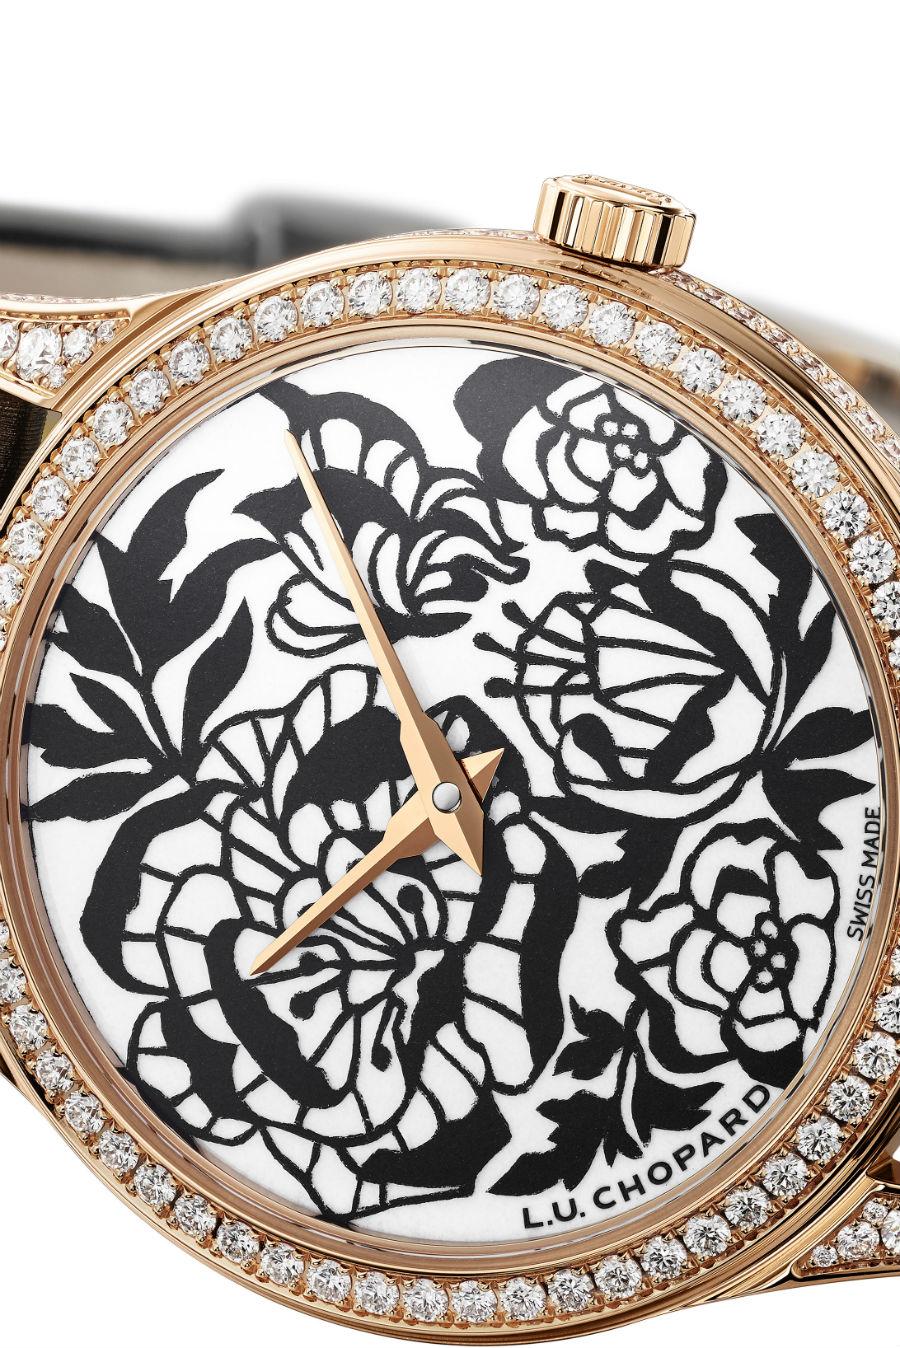 Un dettaglio del quadrante dell'orologio Chopard L.U.C. XP Esprit de Fleurier realizzato con la tecnica del découpage. Base di partenza, un foglio di carta nero, intagliato e poi sovrapposto a una base in smalto Grand Feu bianco.